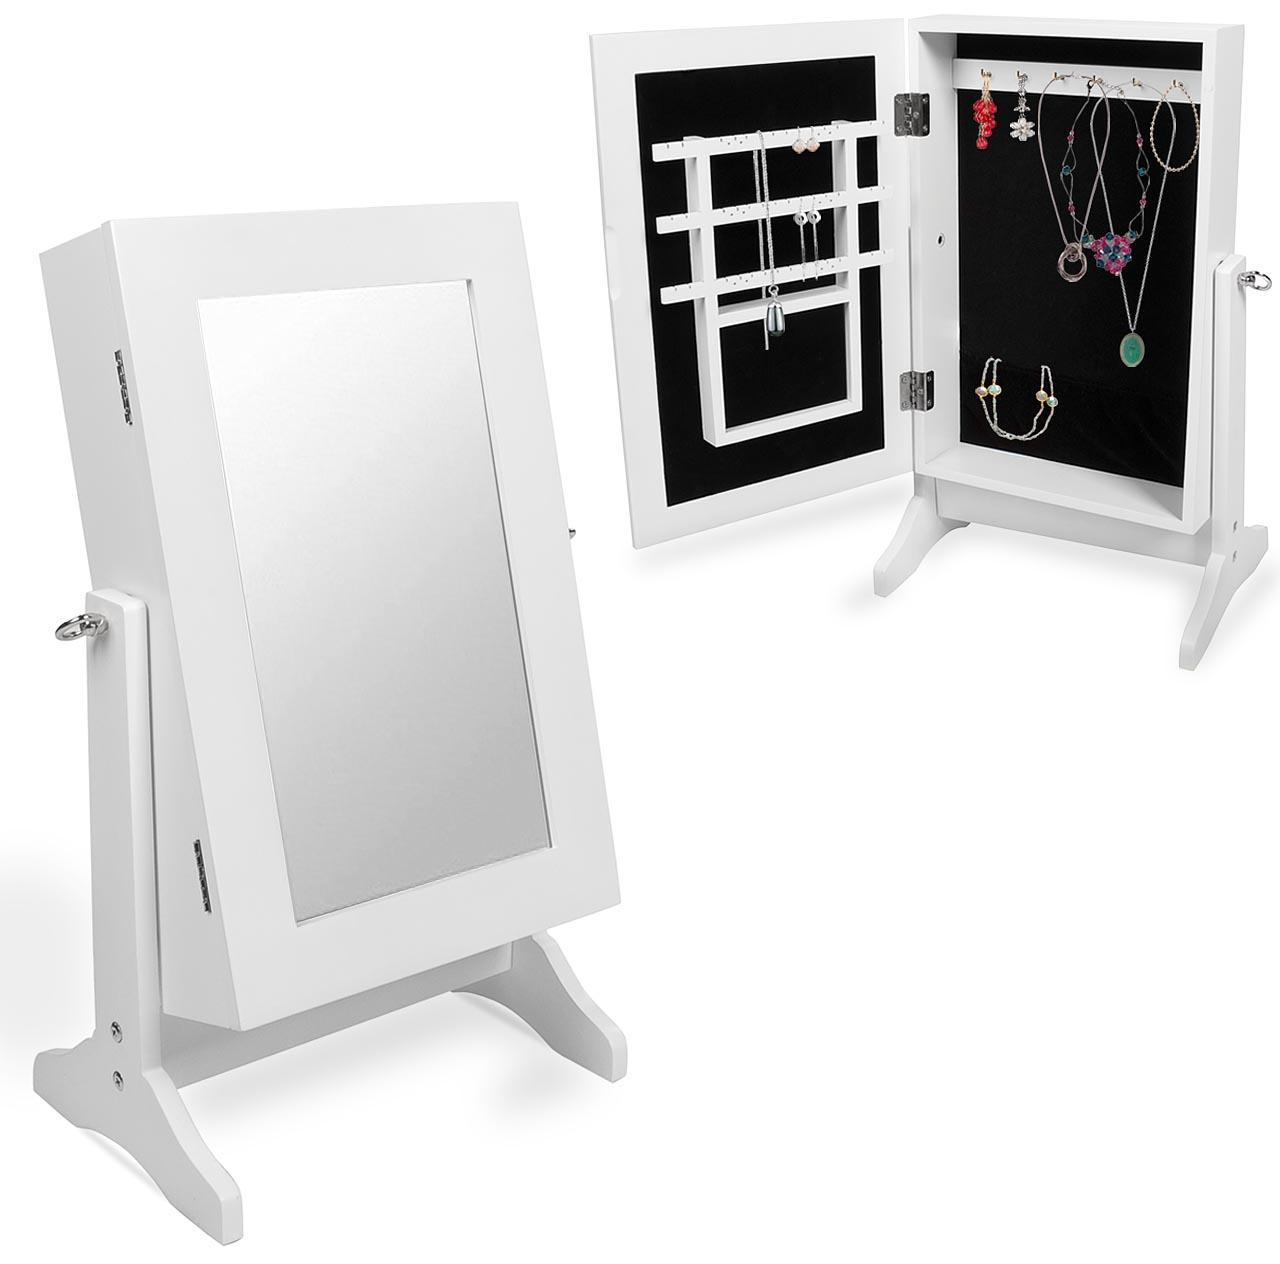 Schmuckschrank-Spiegelschrank-Standspiegel-Spiegel-Schmuck-Eckig-weiss